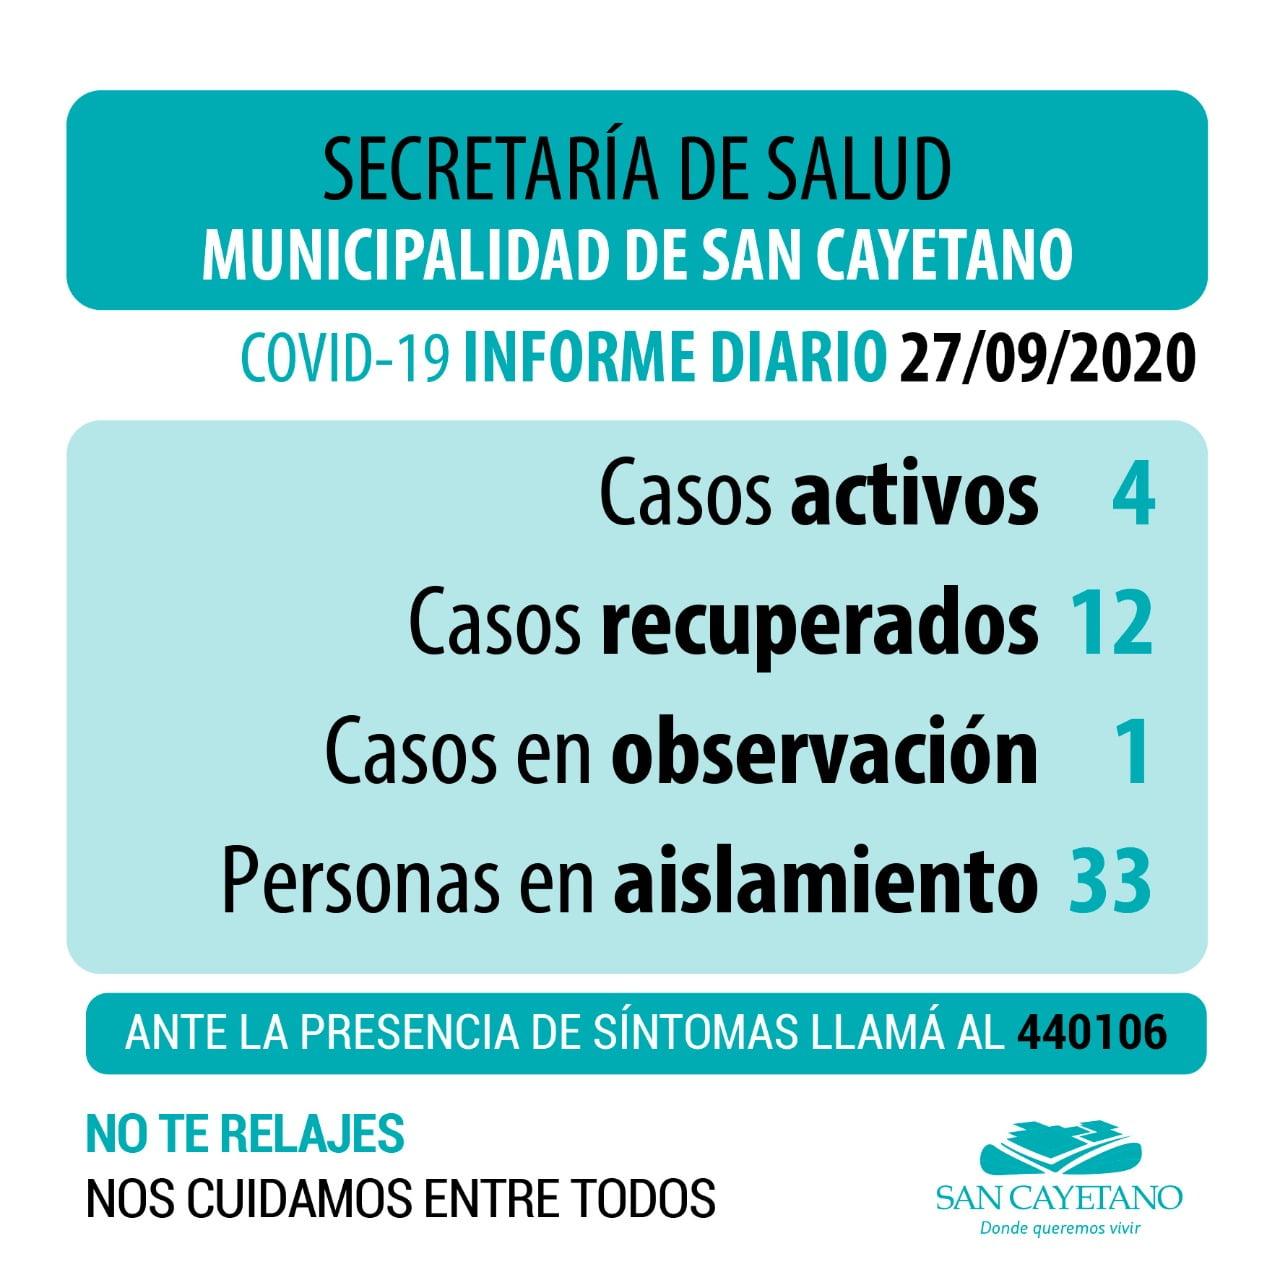 Coronavirus en San Cayetano: un nuevo caso en estudio